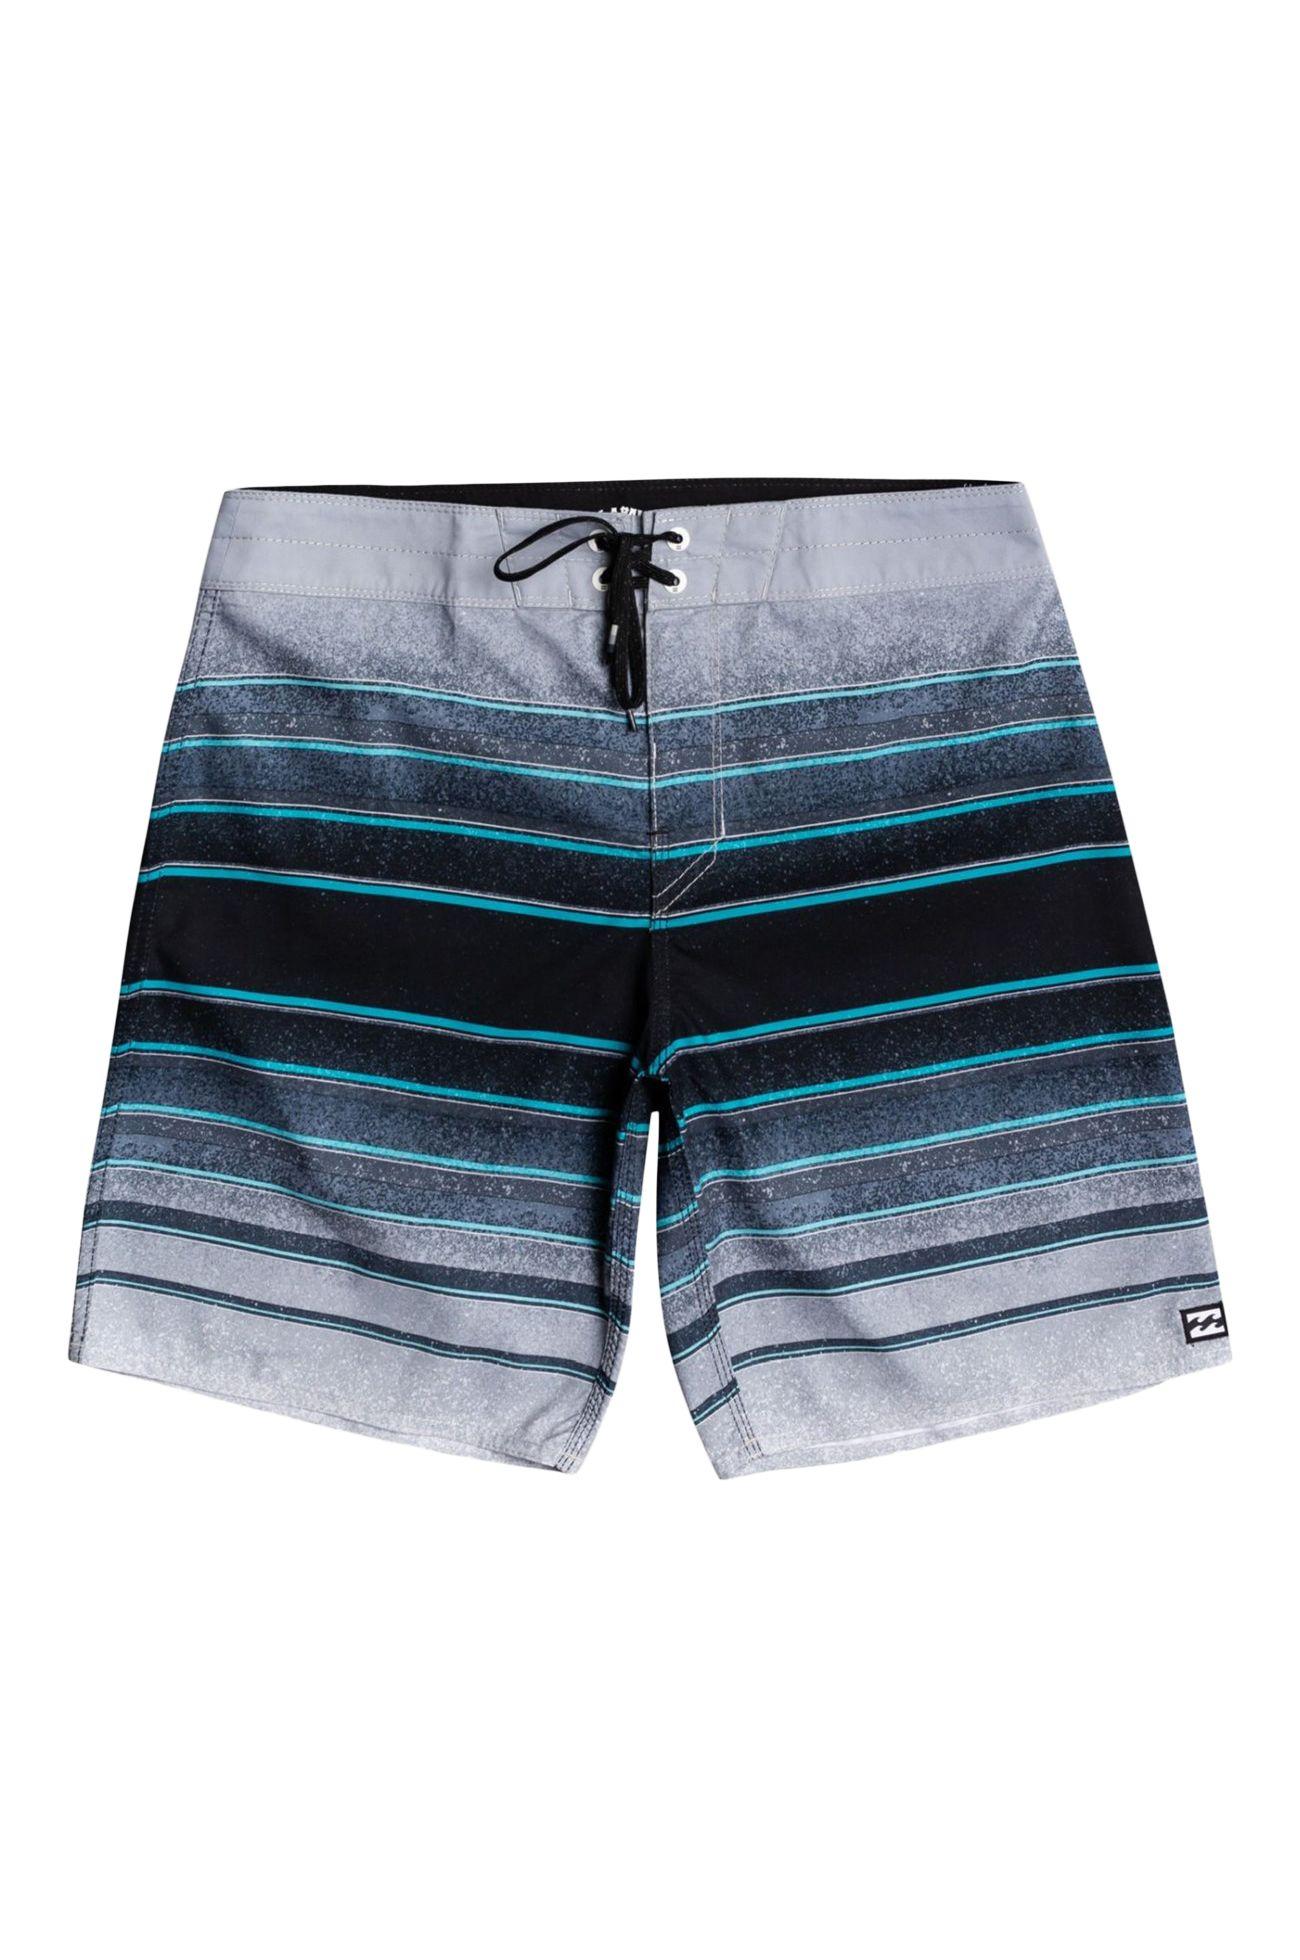 Boardshorts Billabong ALL DAY STRIPES OG Grey